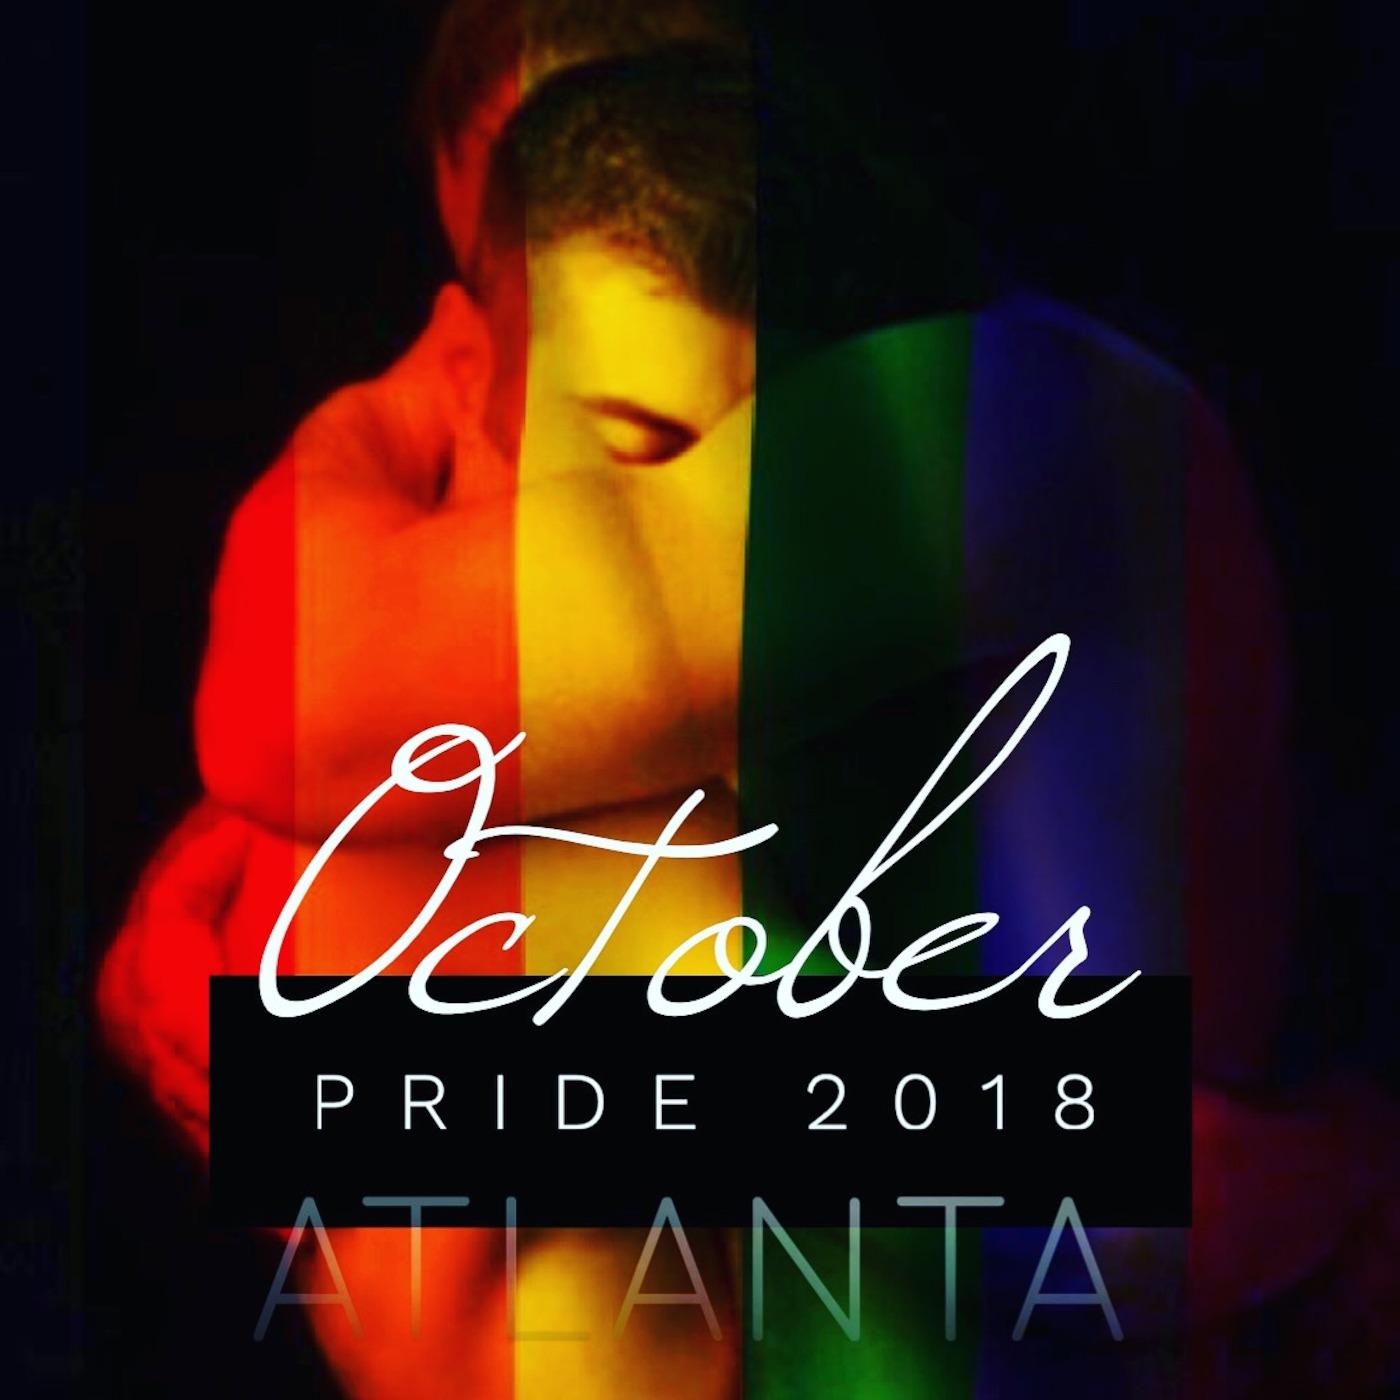 October Pride Mix 2018 - Atlanta DJ Allure: The Sessions podcast